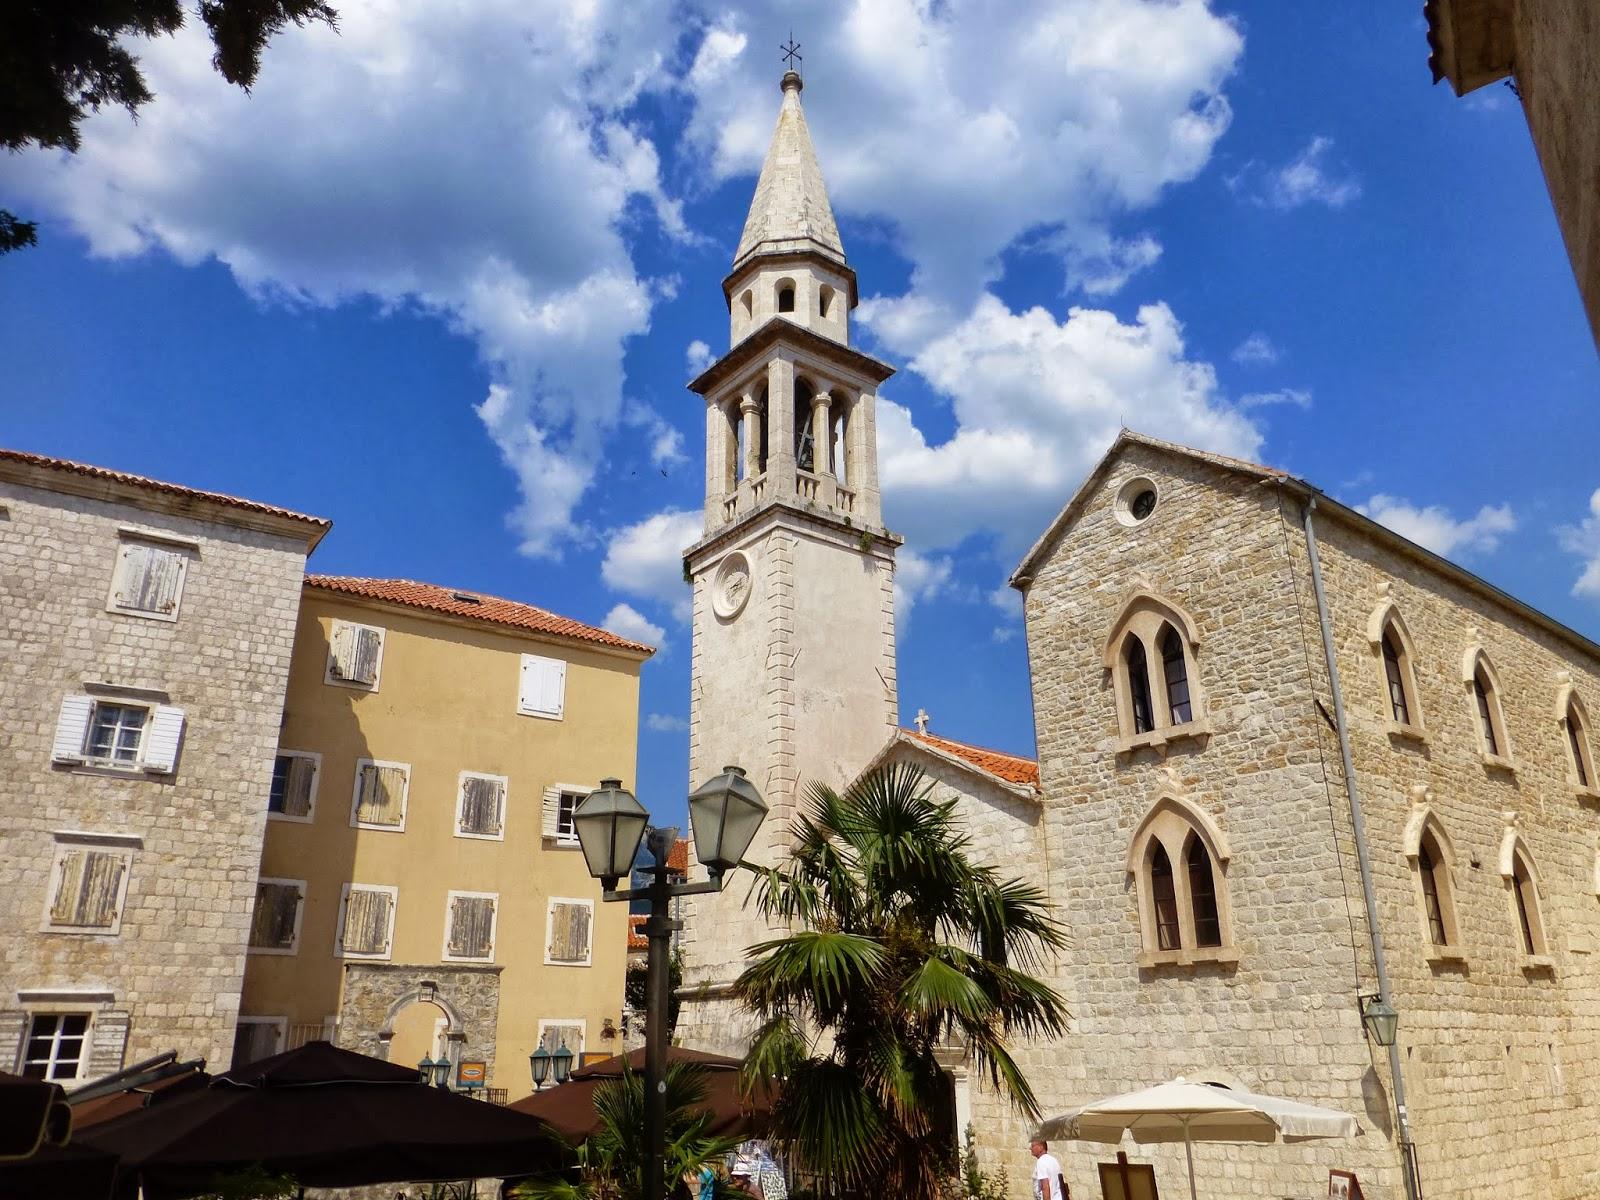 odihna montenegro, odihnă muntenegru, hoteluri budva, hotele budva, agentii de turism chisinau, pret vacanta budva